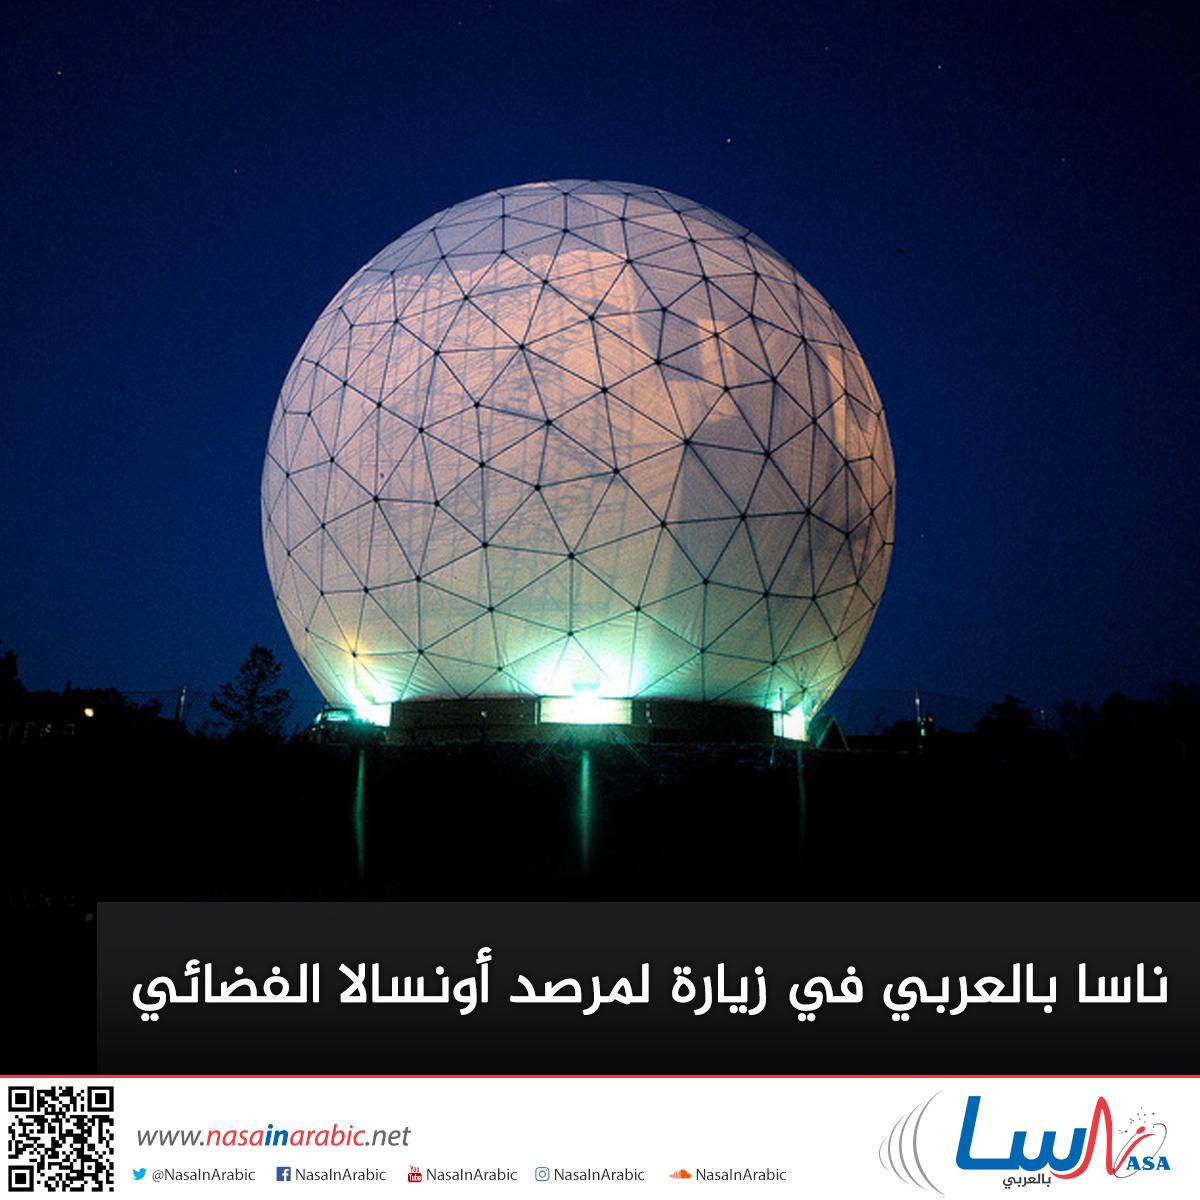 ناسا بالعربي في زيارة لمرصد أونسالا الفضائي